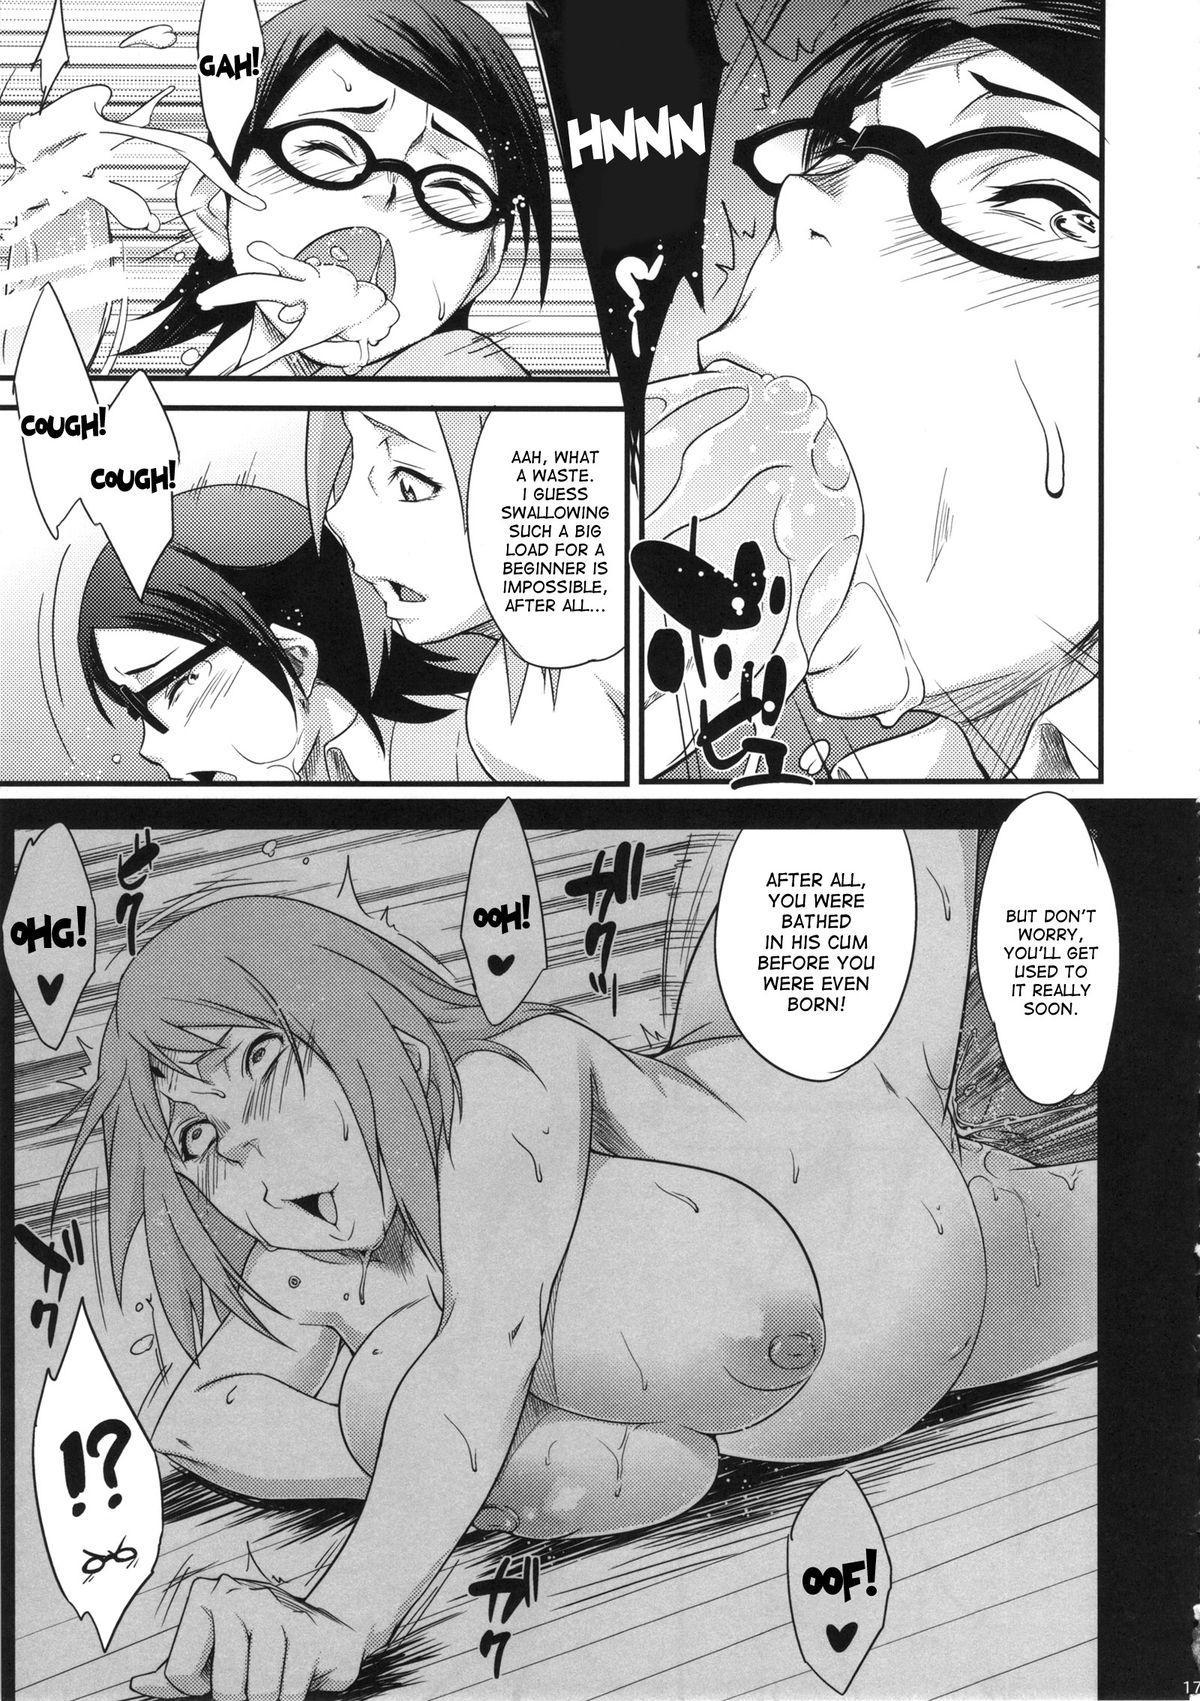 C87) [Karakishi Youhei-dan Shinga (Sahara Wataru)] Konoha Donburi (Naruto) [English] [desudesu] 15